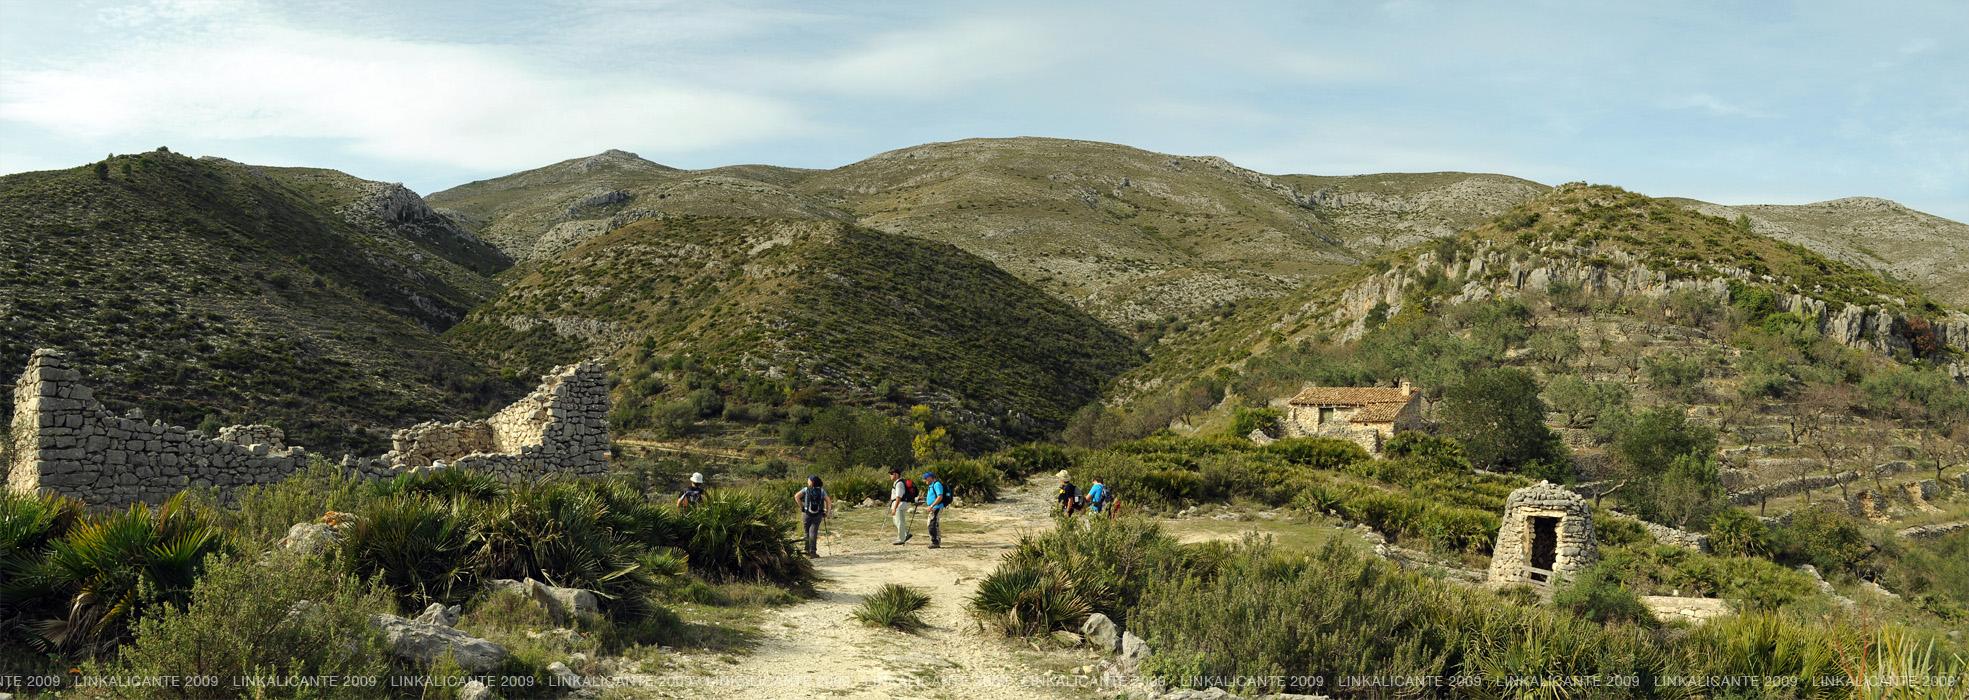 Barranc de l'Infern - Juvees de d'Alt